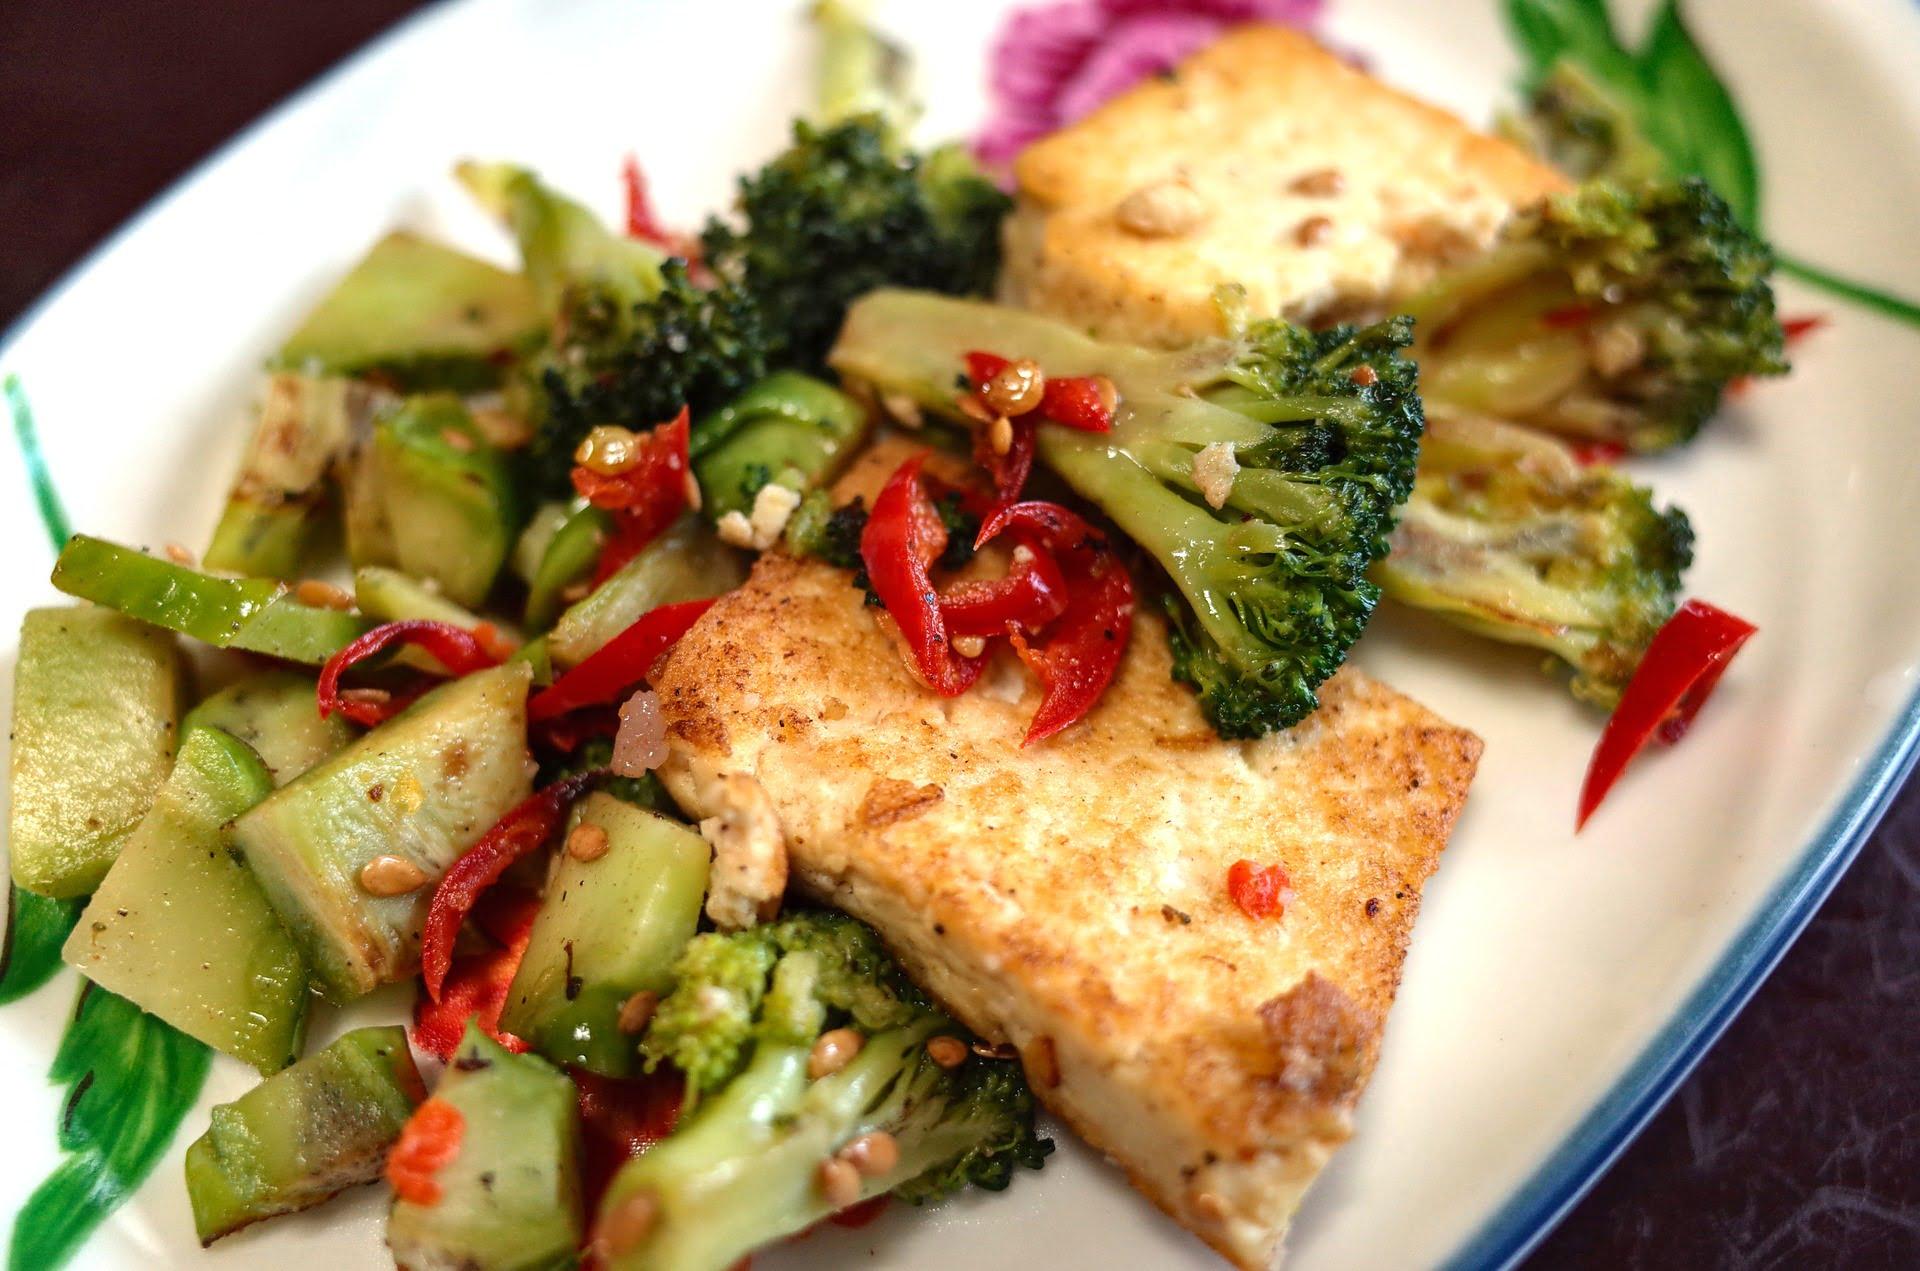 Knuspriger Tofu in einer Mandelmehl-Panade mit Broccoli und Avocado